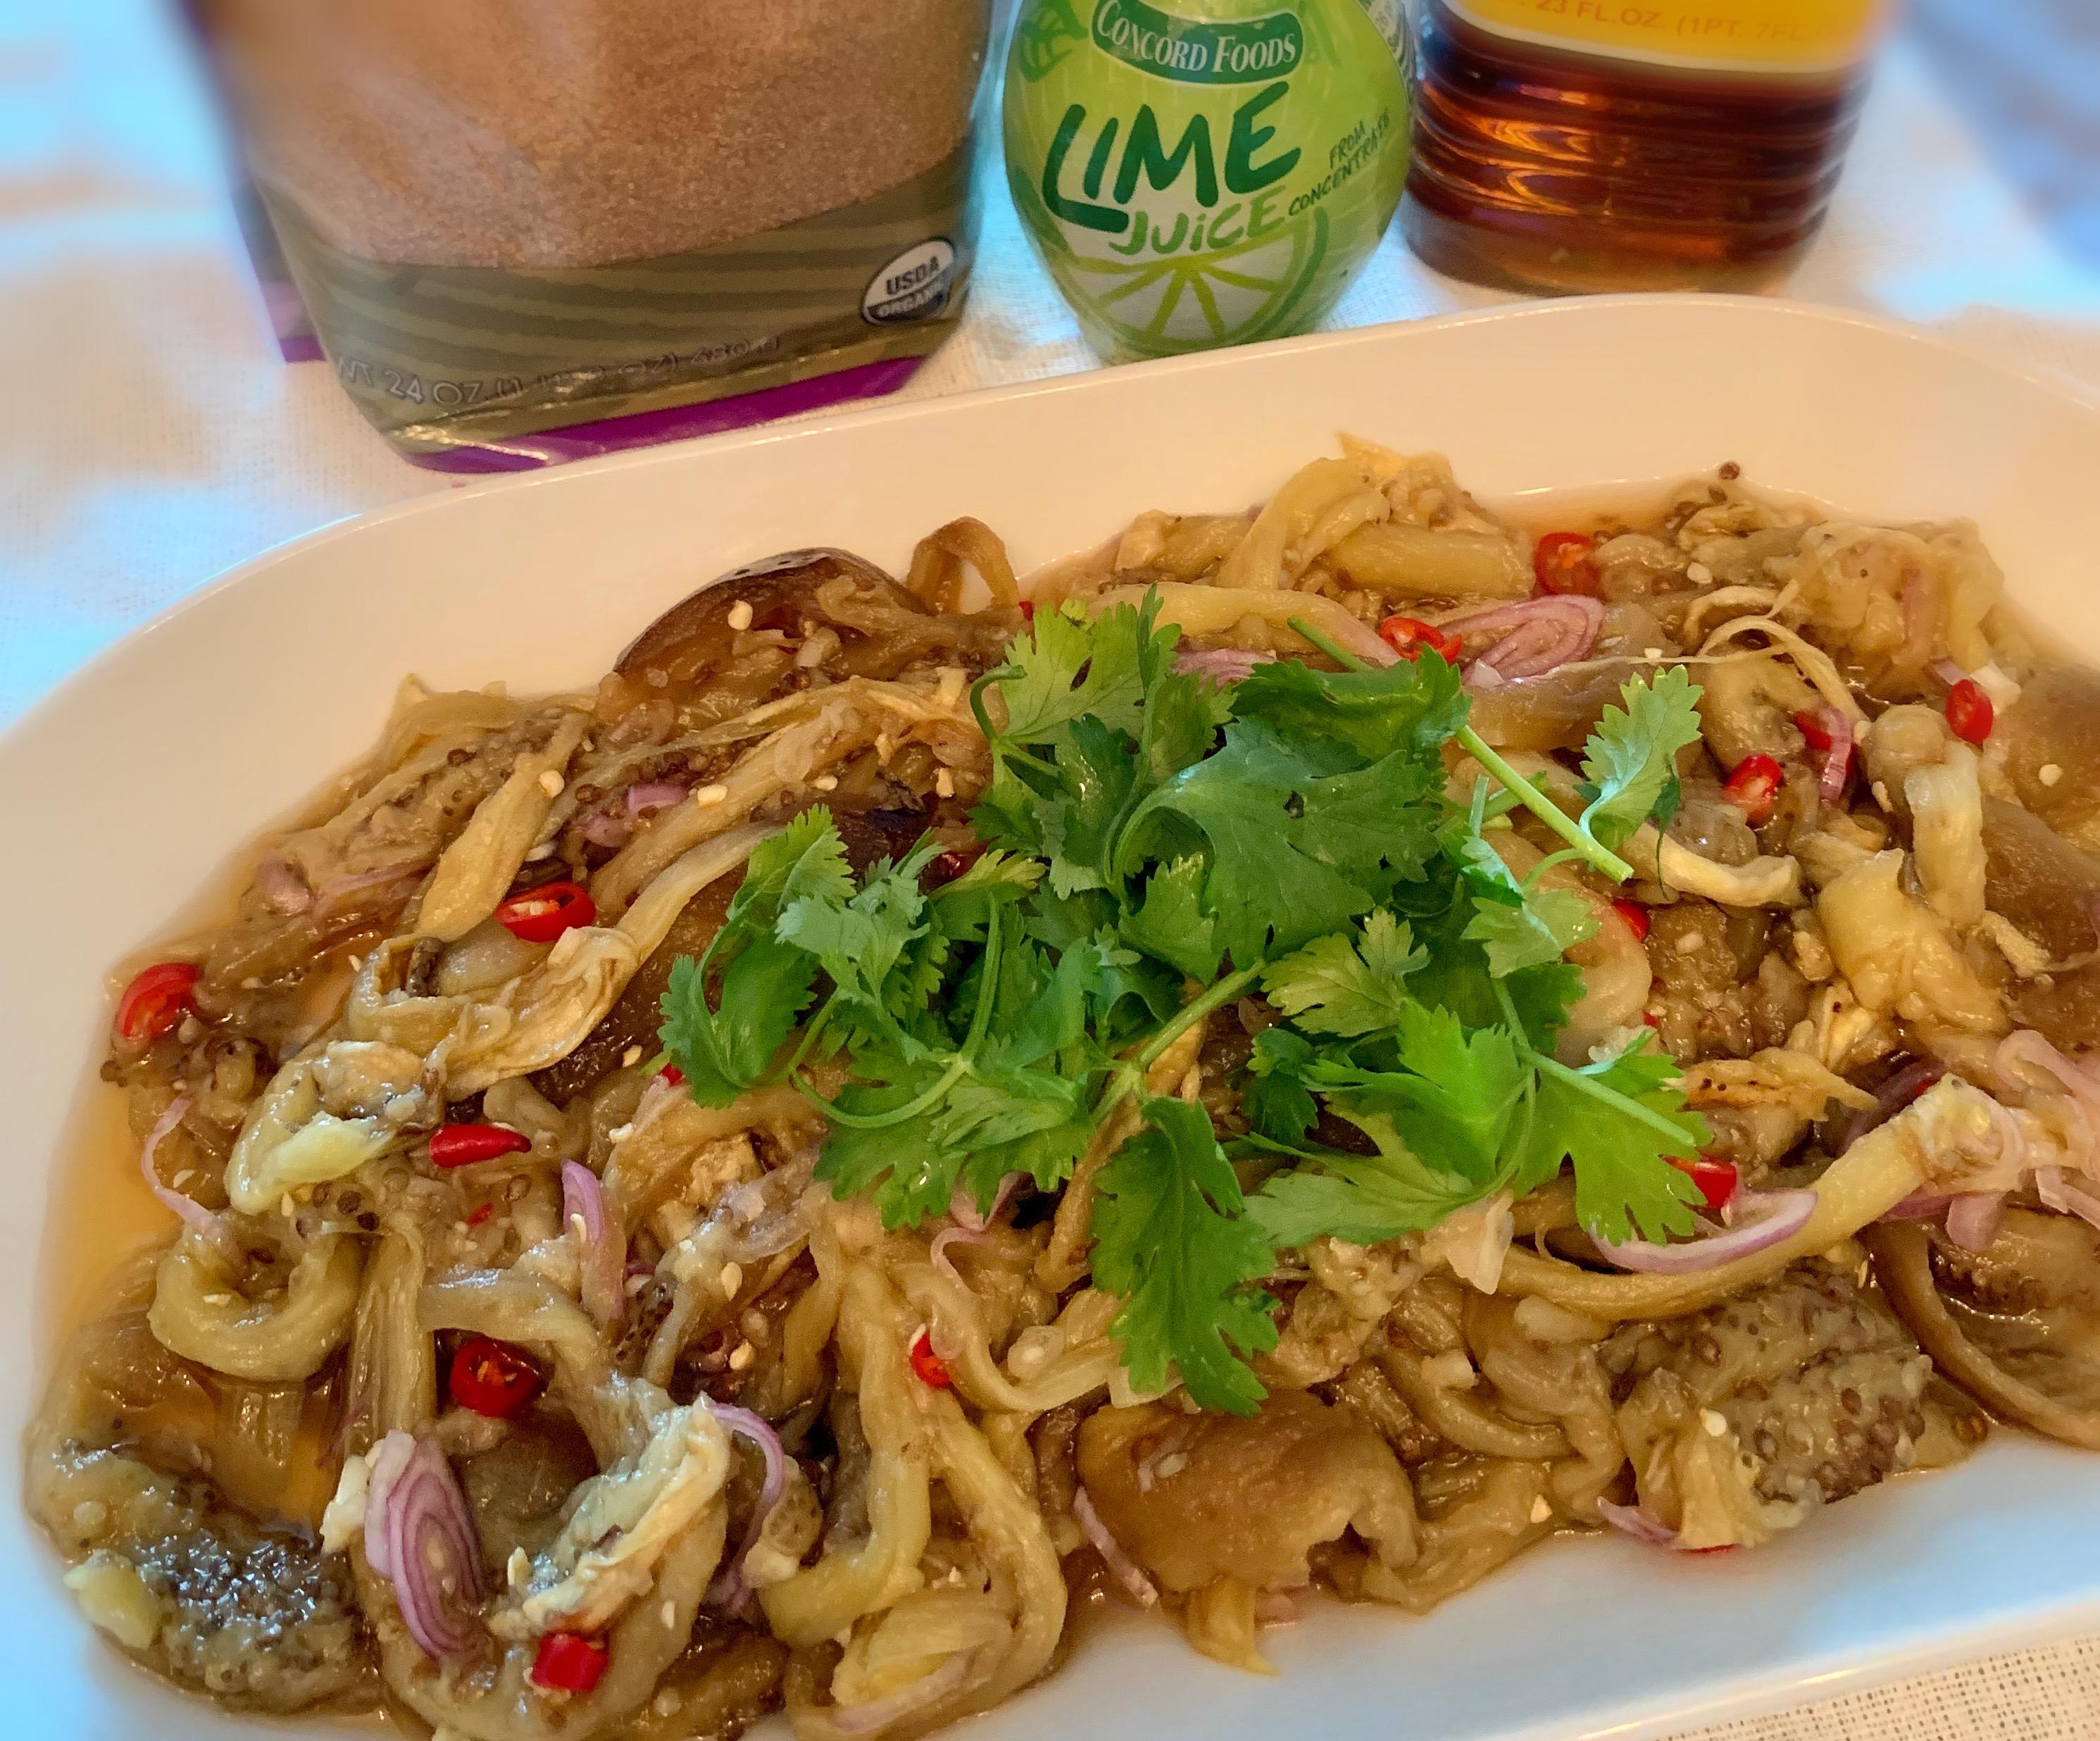 Thai-style Baby Eggplant Salad泰式茄子沙拉tài shì qié zǐ shā lā